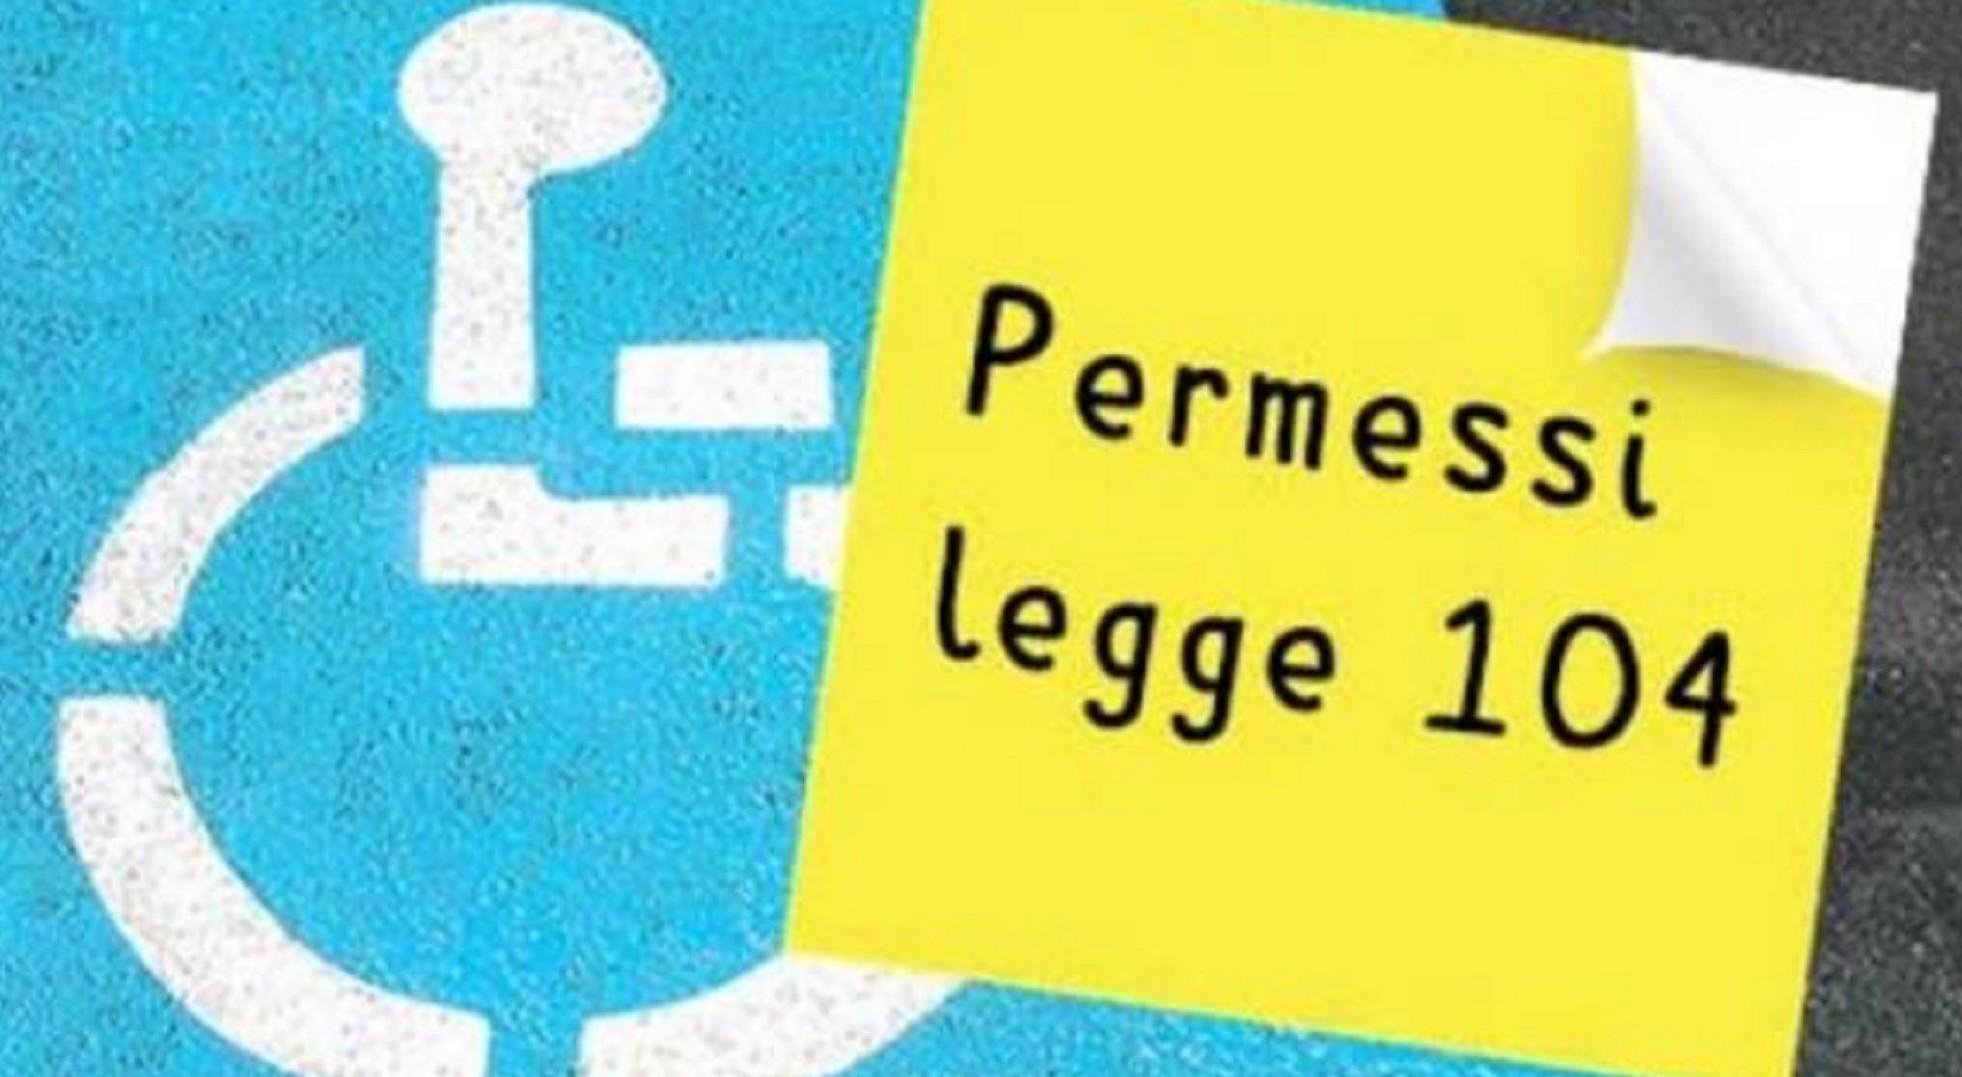 Legge 104, permessi maggiori di tre gior